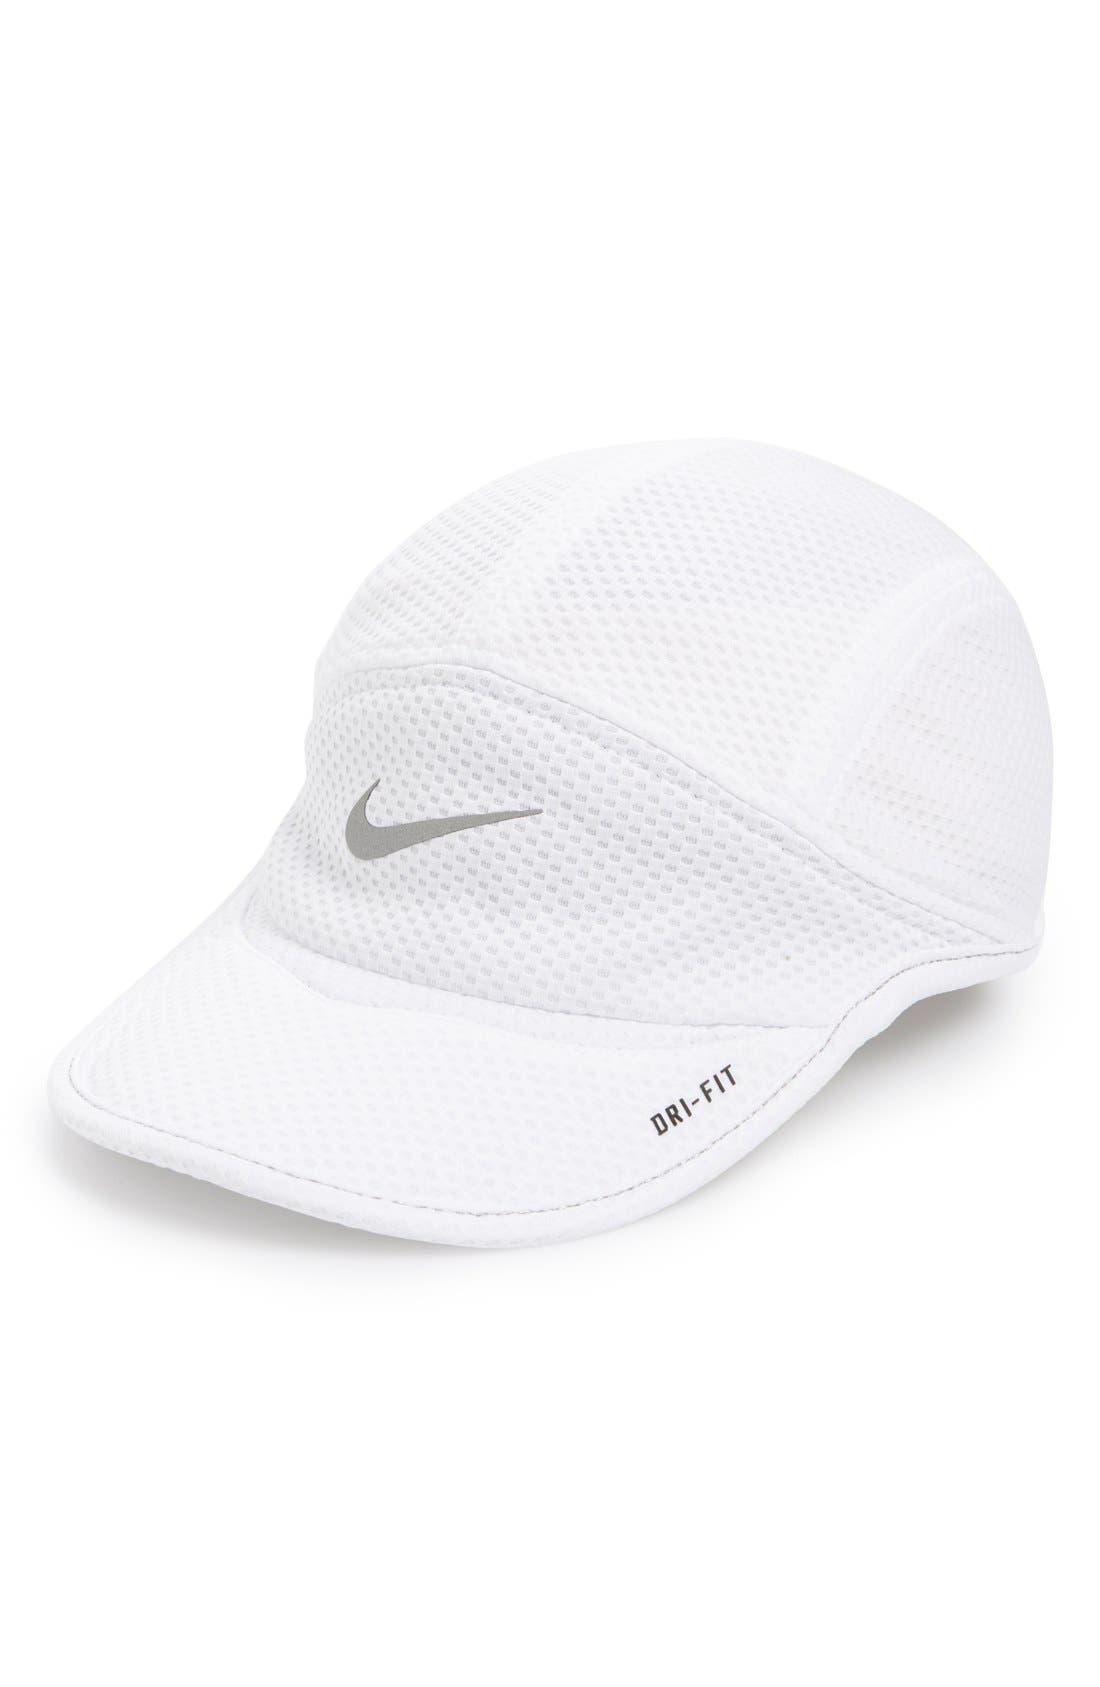 Alternate Image 1 Selected - Nike 'Mesh Daybreak' Cap